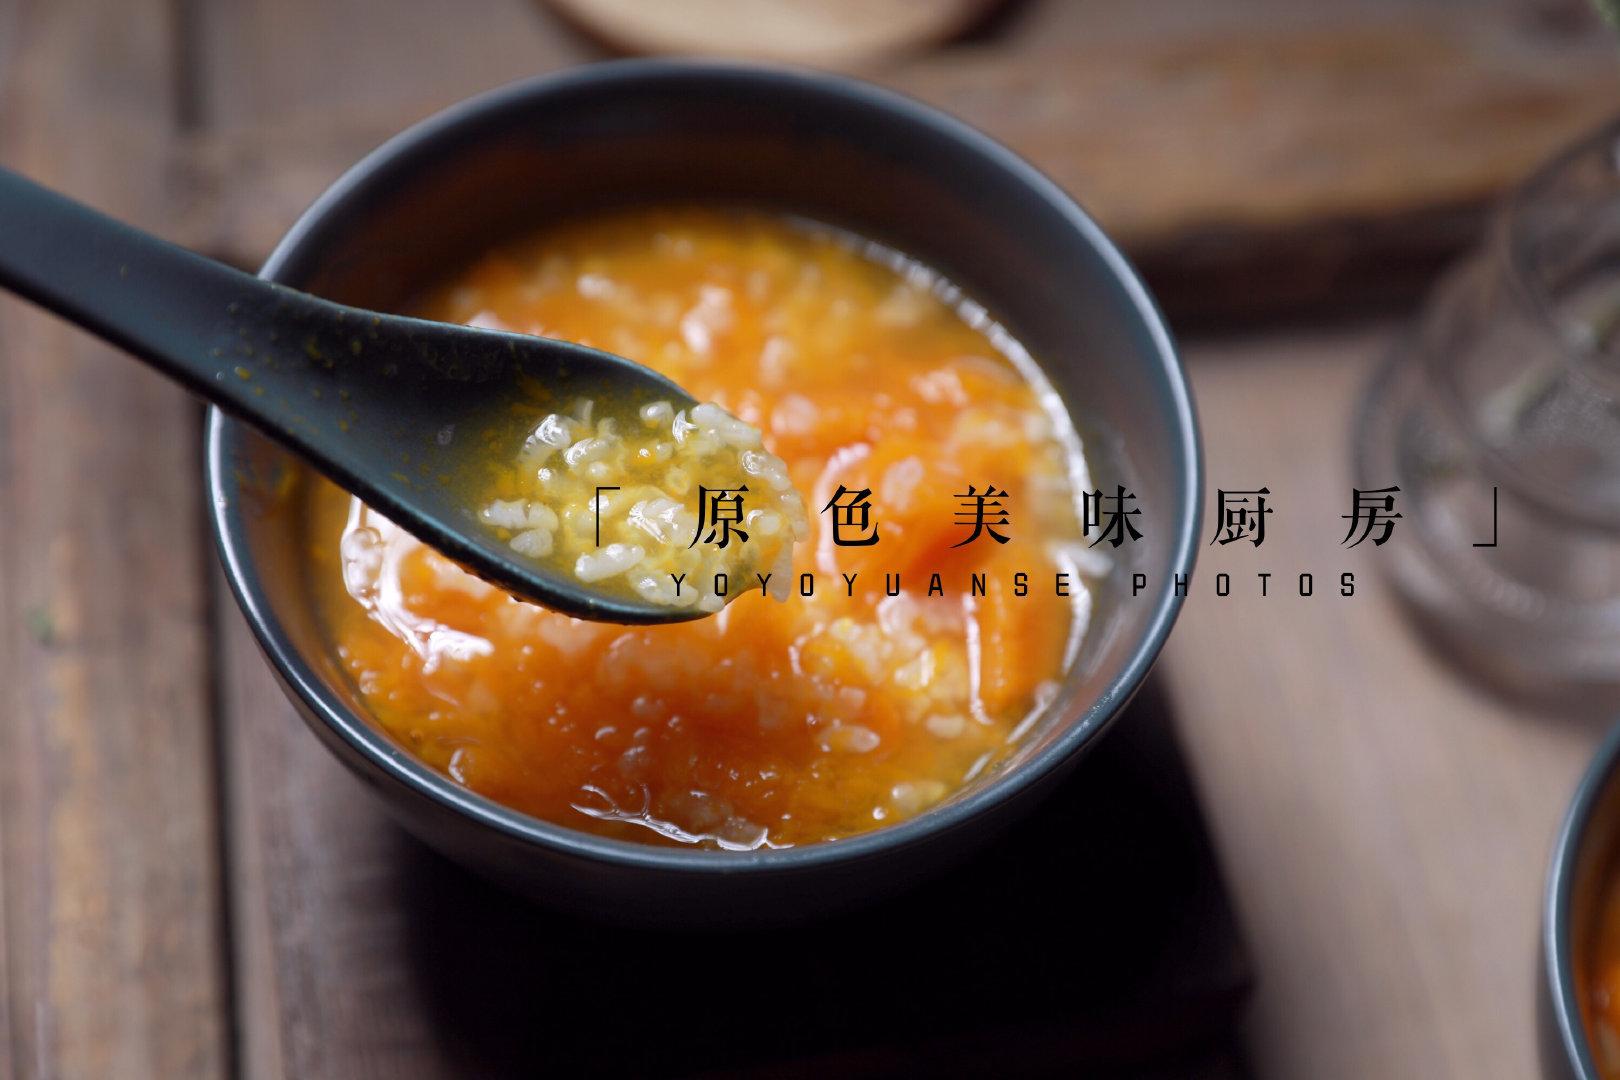 试试这道主食淡又营养,常常吃还能美容养颜,关键是制作超方便